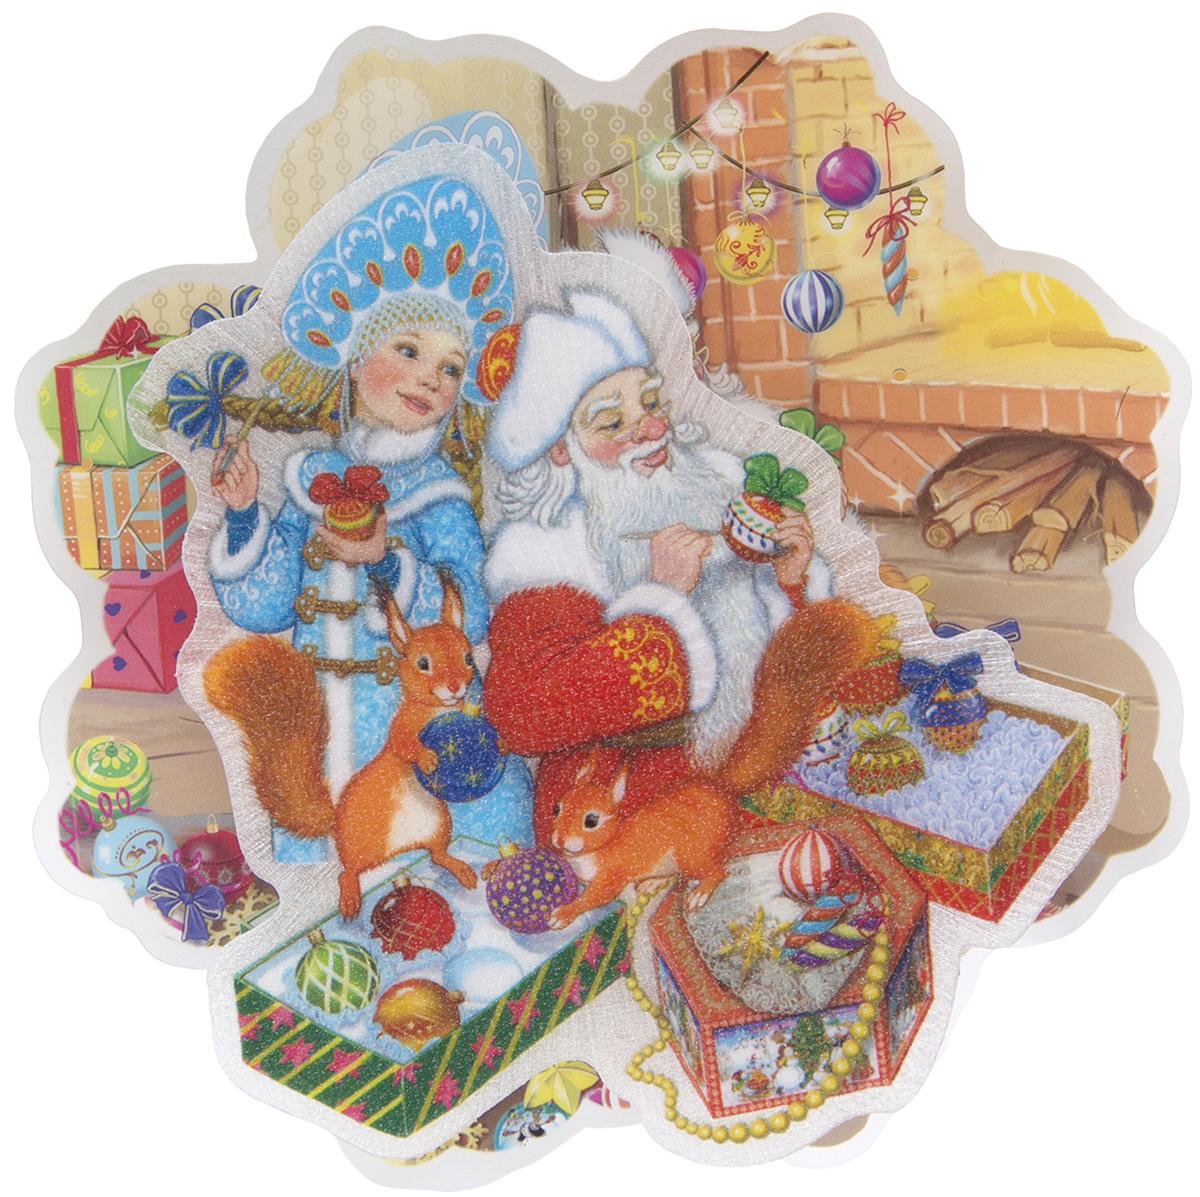 Украшение новогоднее Magic Time Внучка Деда Мороза, с подсветкой новогоднее оконное украшение room decoration подарки от деда мороза 18 см х 18 см 3 листа